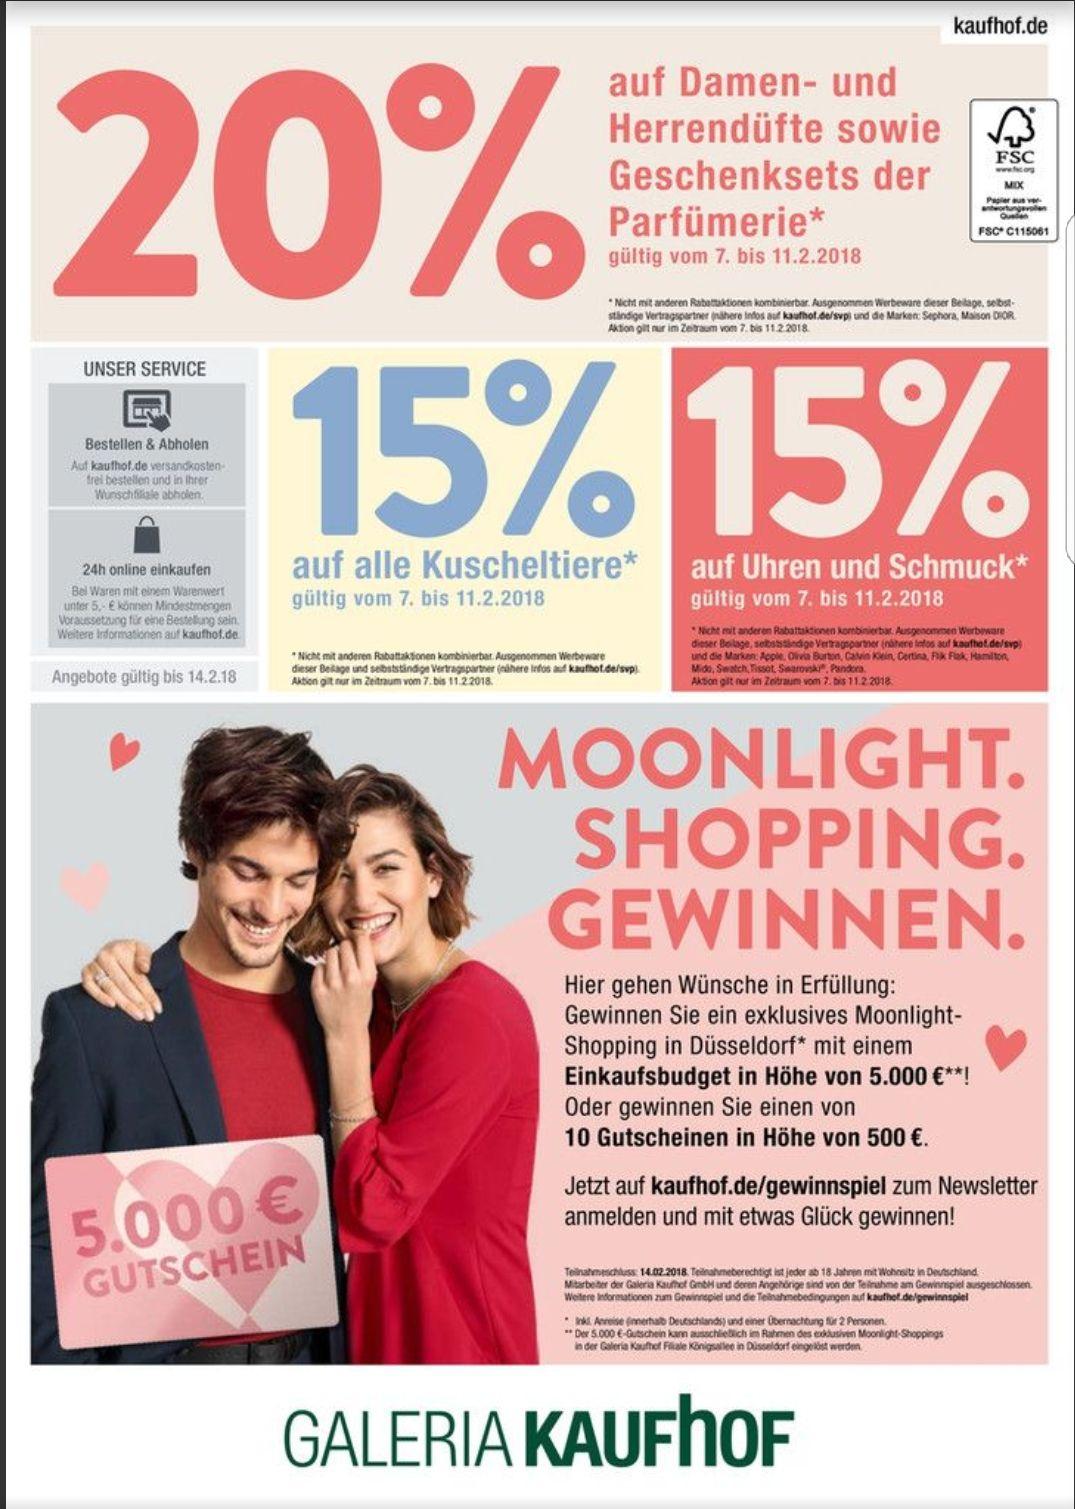 [Galeria-Kaufhof] 20% Rabattauf Parfüm oder Geschenksets 15% auf Schmuck und Uhren oder Kuscheltiere